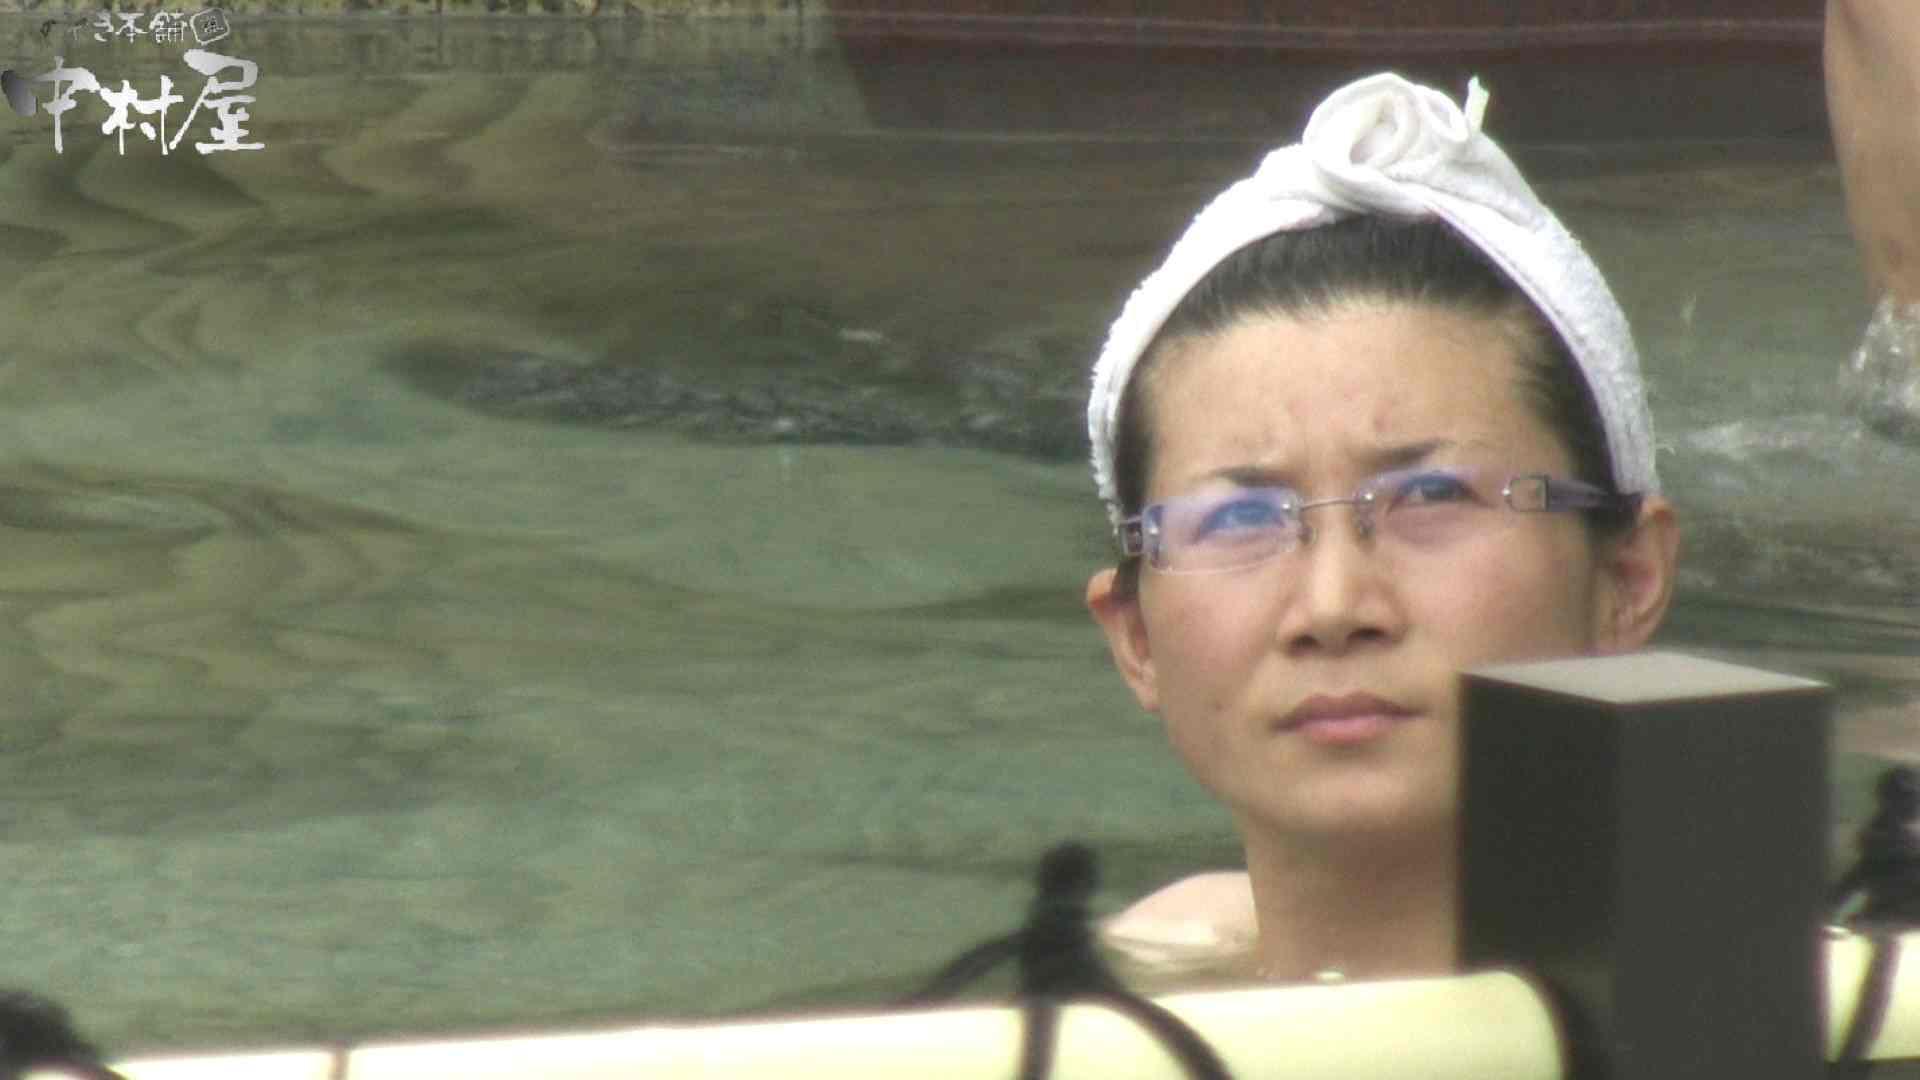 Aquaな露天風呂Vol.905 盗撮 セックス画像 71画像 38